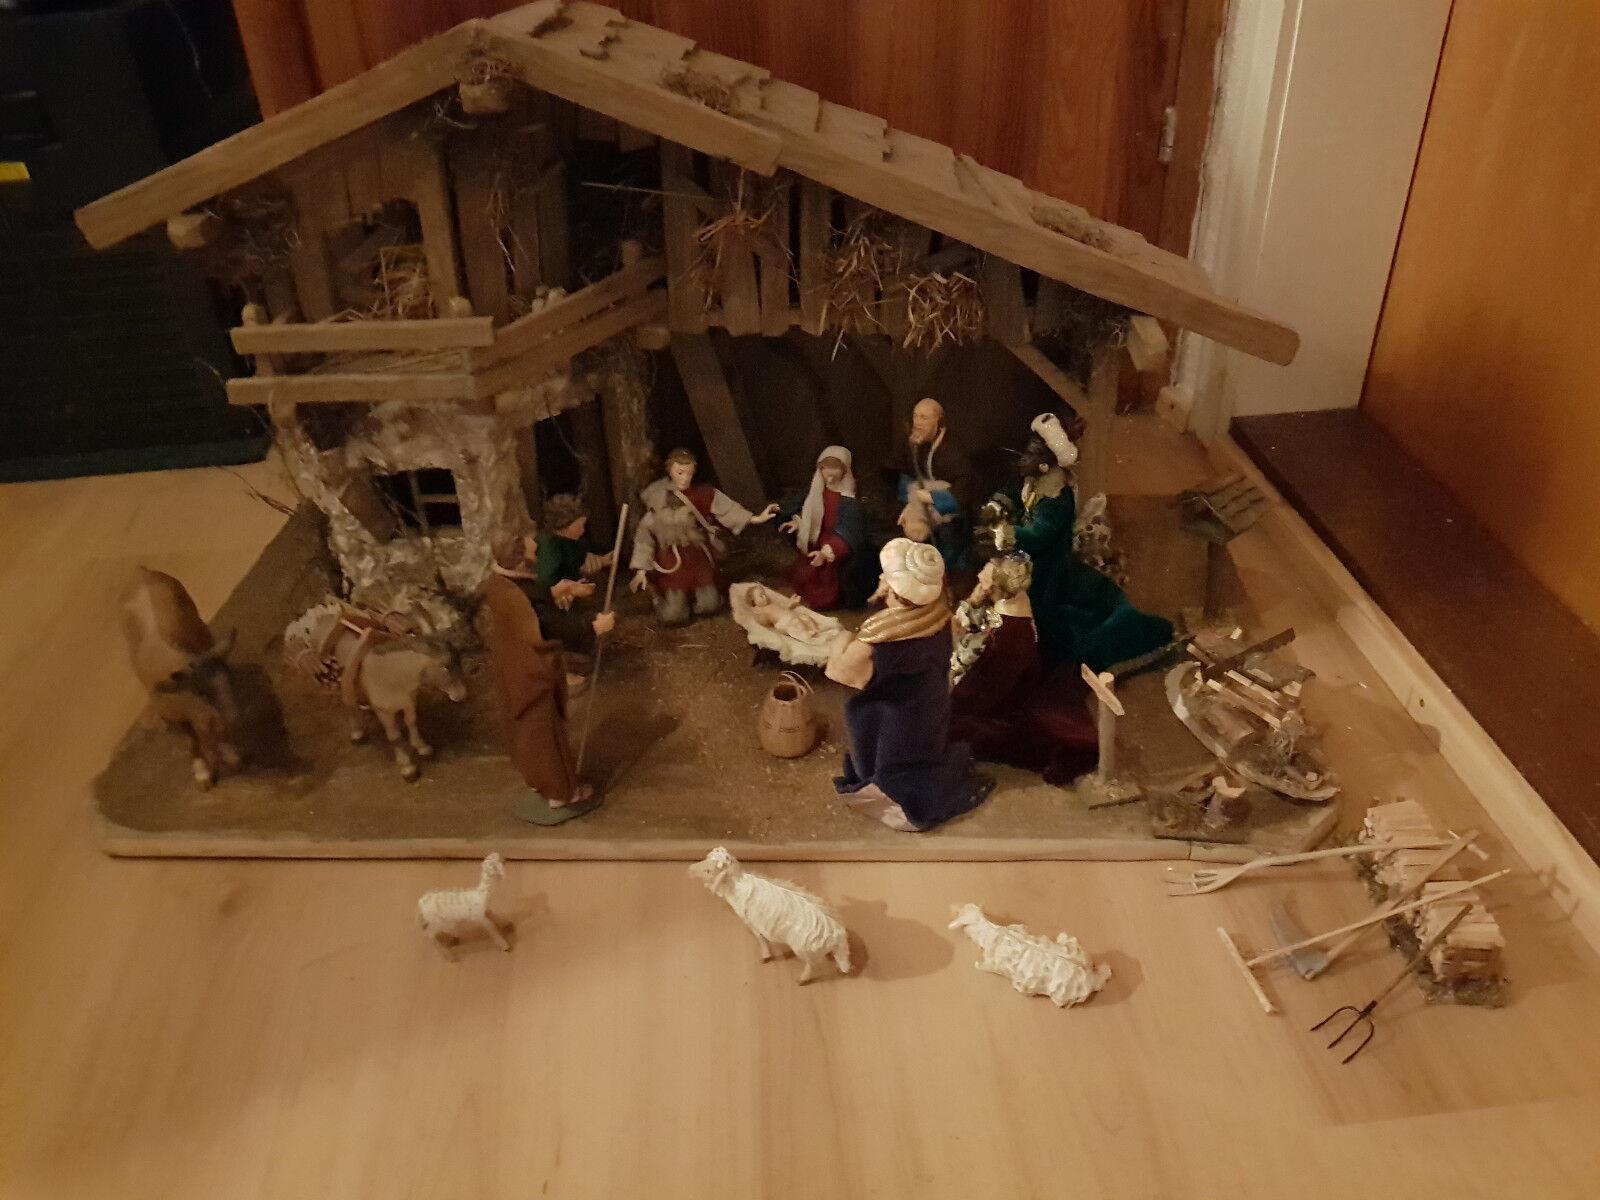 Crèche avec de et nombreuses crèches personnages et de accessoires en bois-tout pur travail Femmeuel 45479a